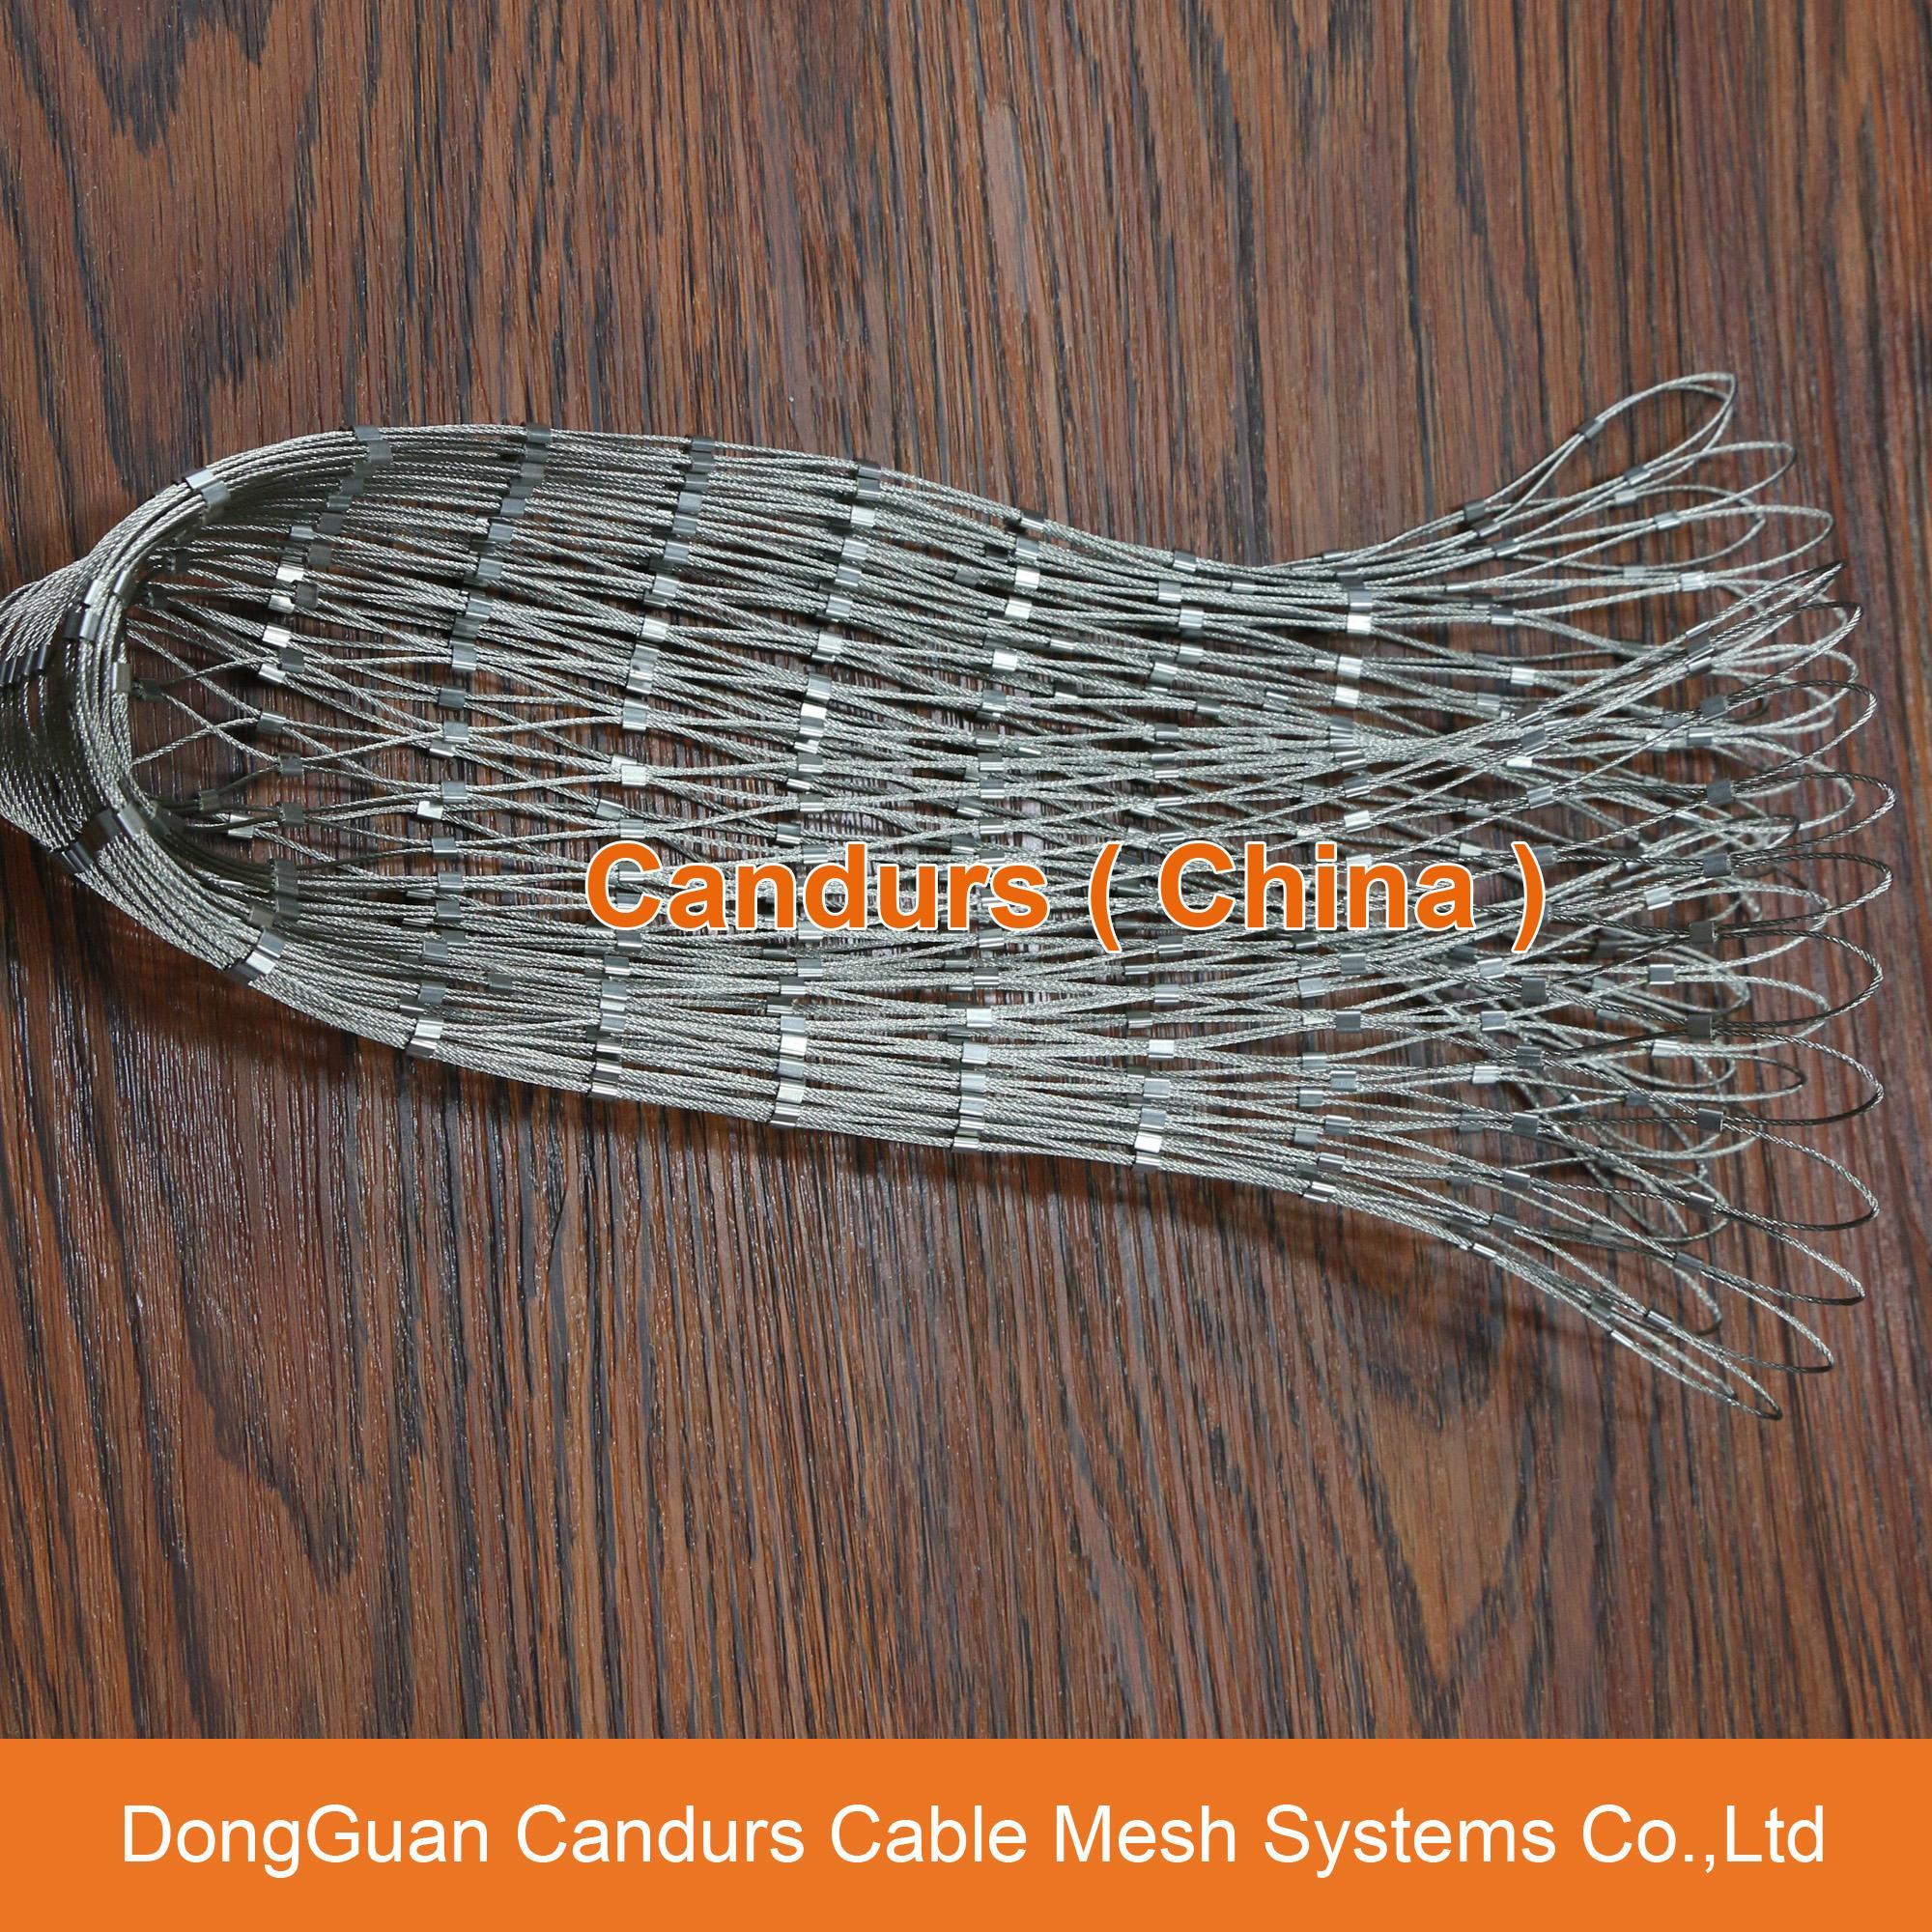 新型不鏽鋼絲繩夾扣網 20